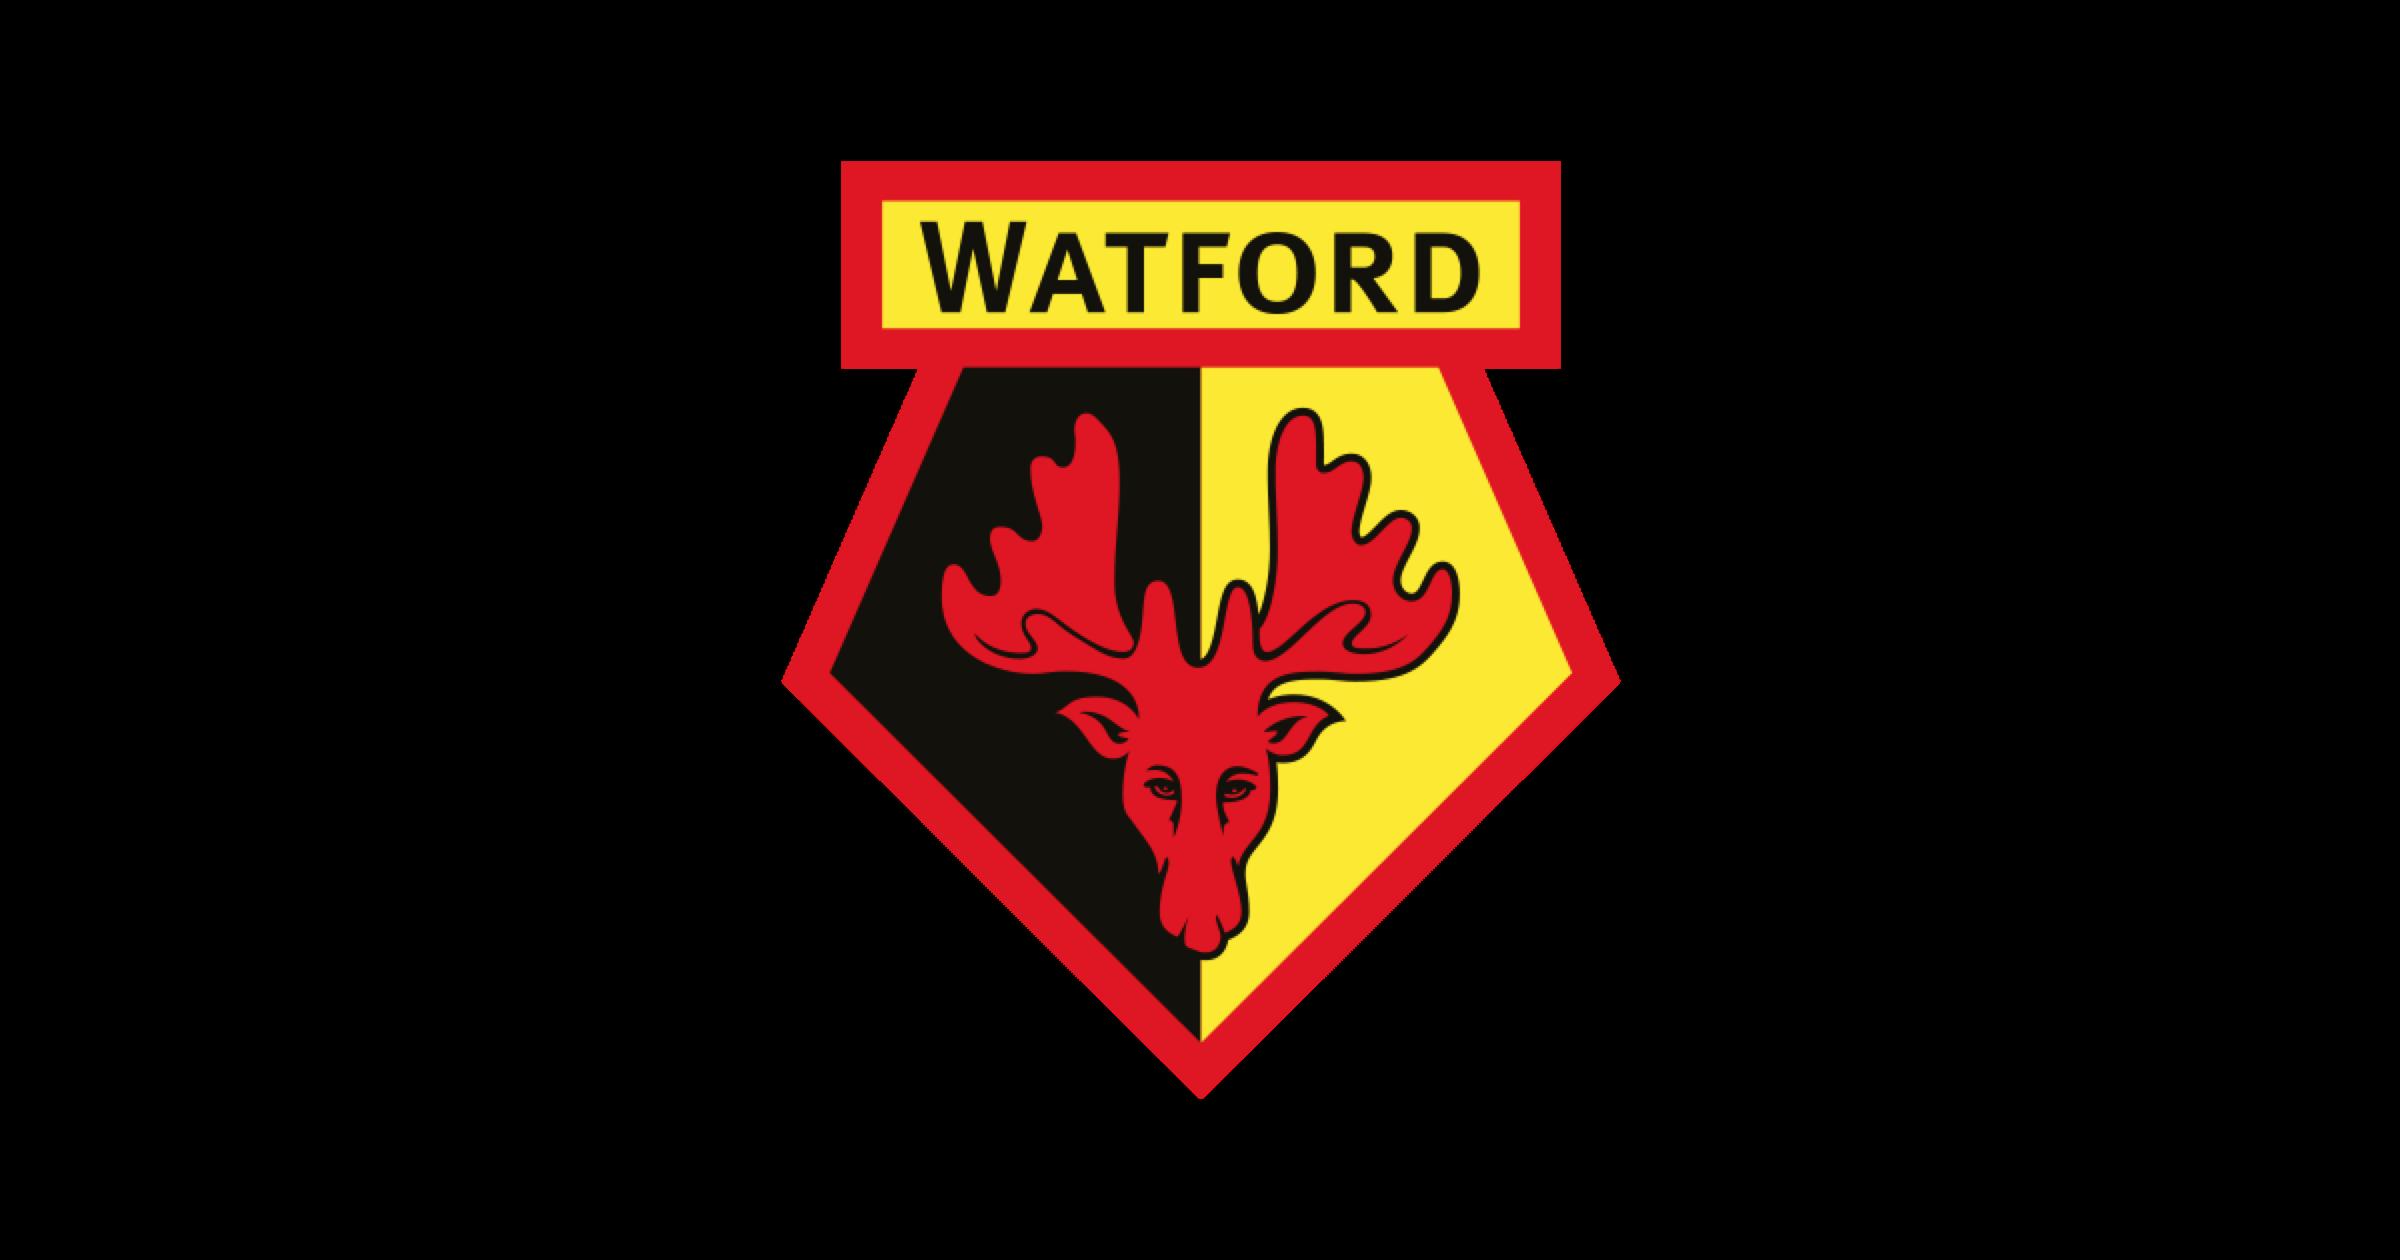 Watford Fc Logo PNG - 39251